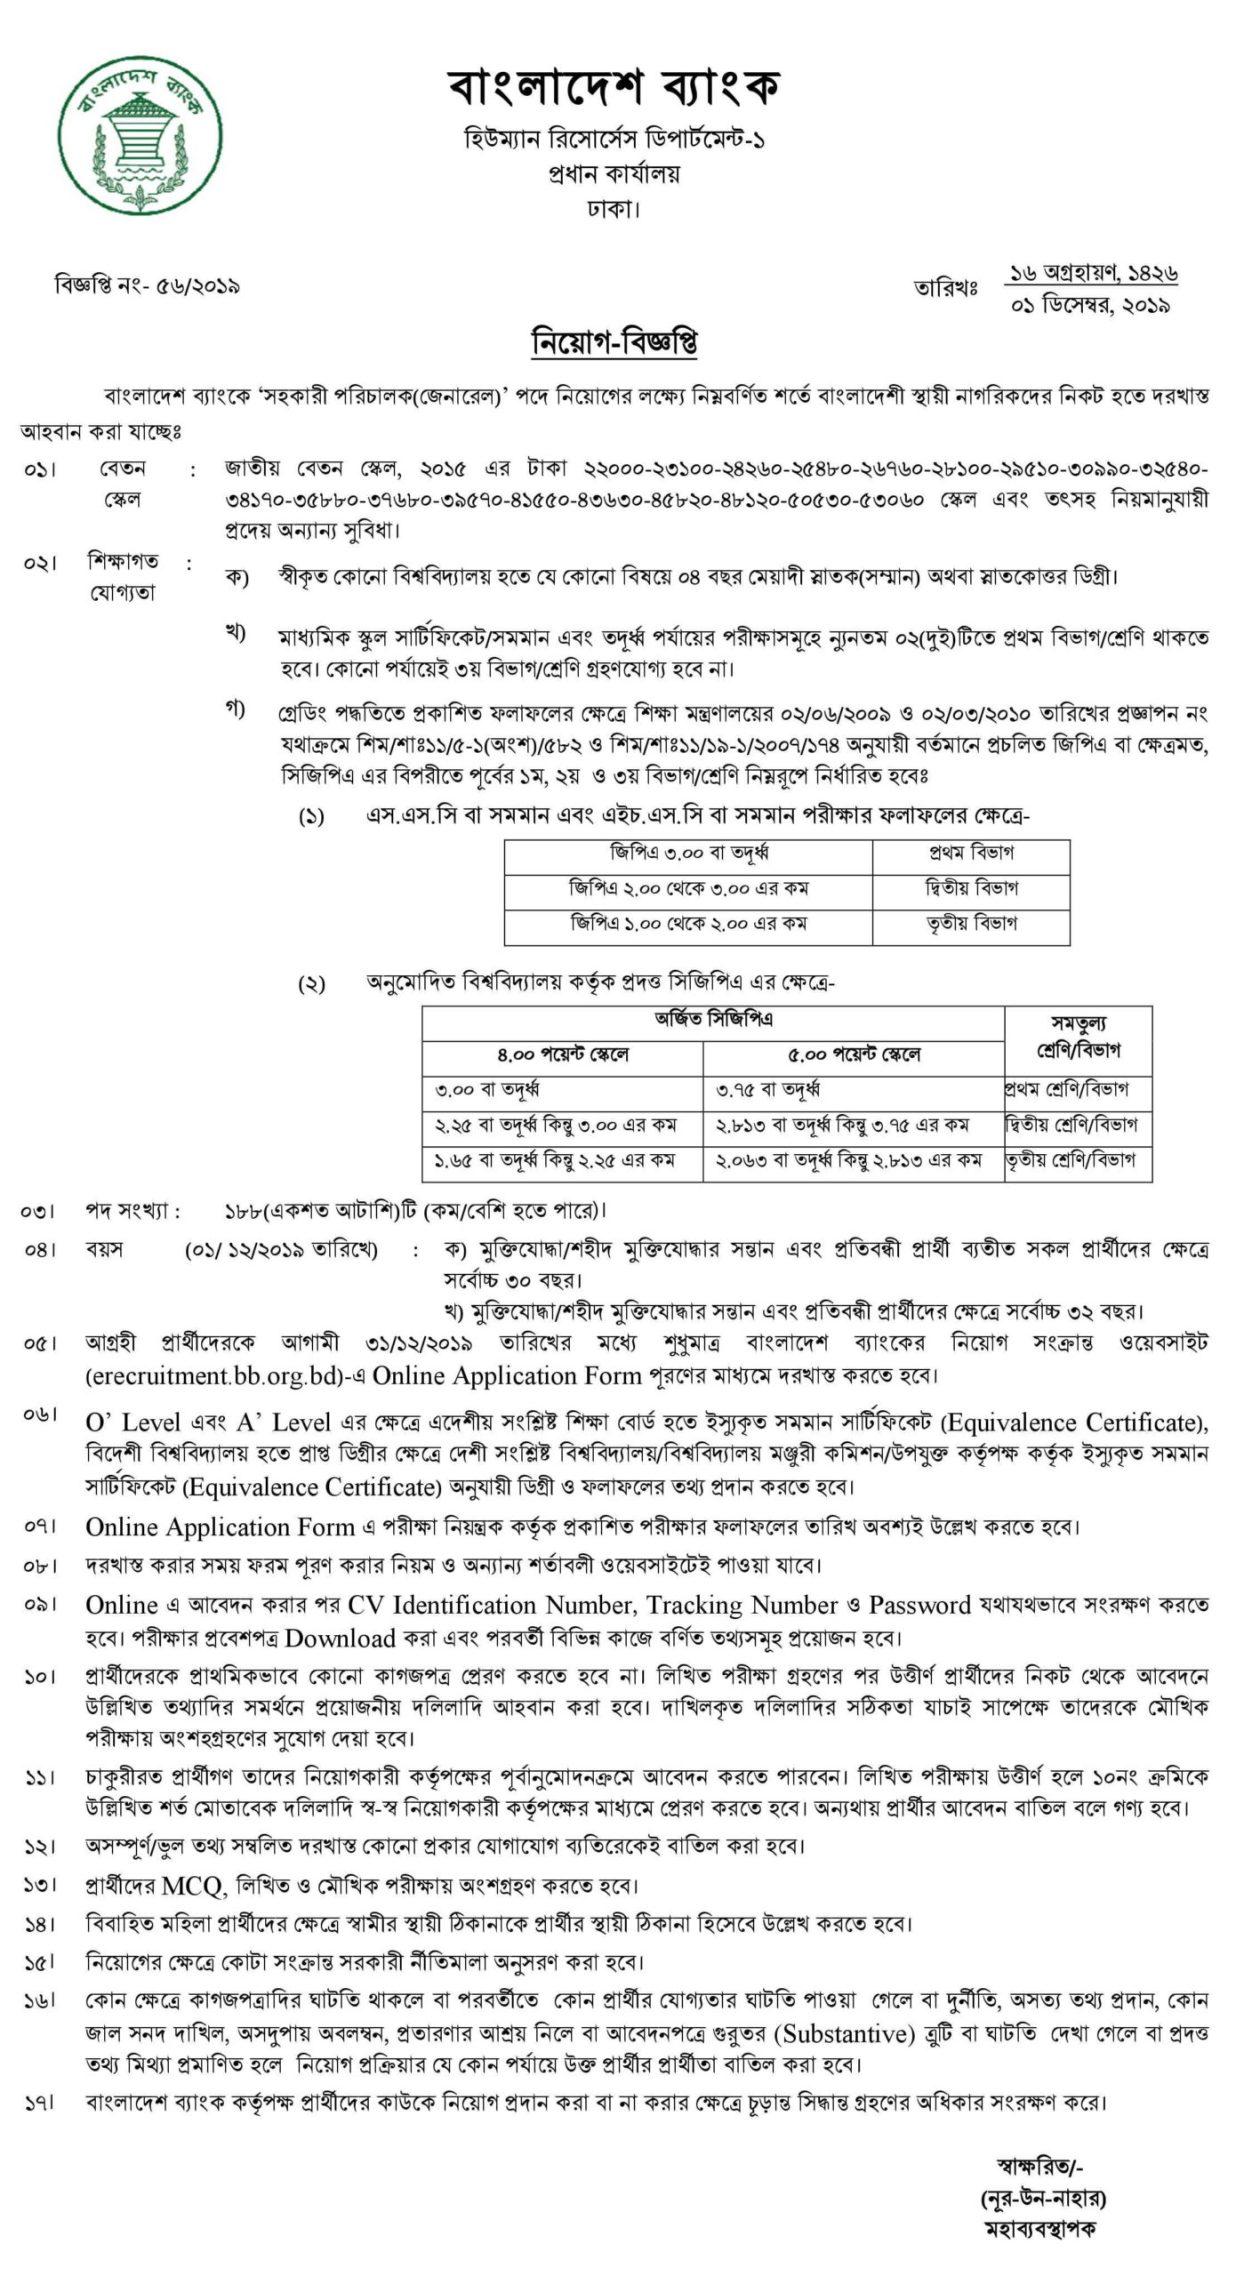 Bangladesh Bank Assistant Director Job Circular